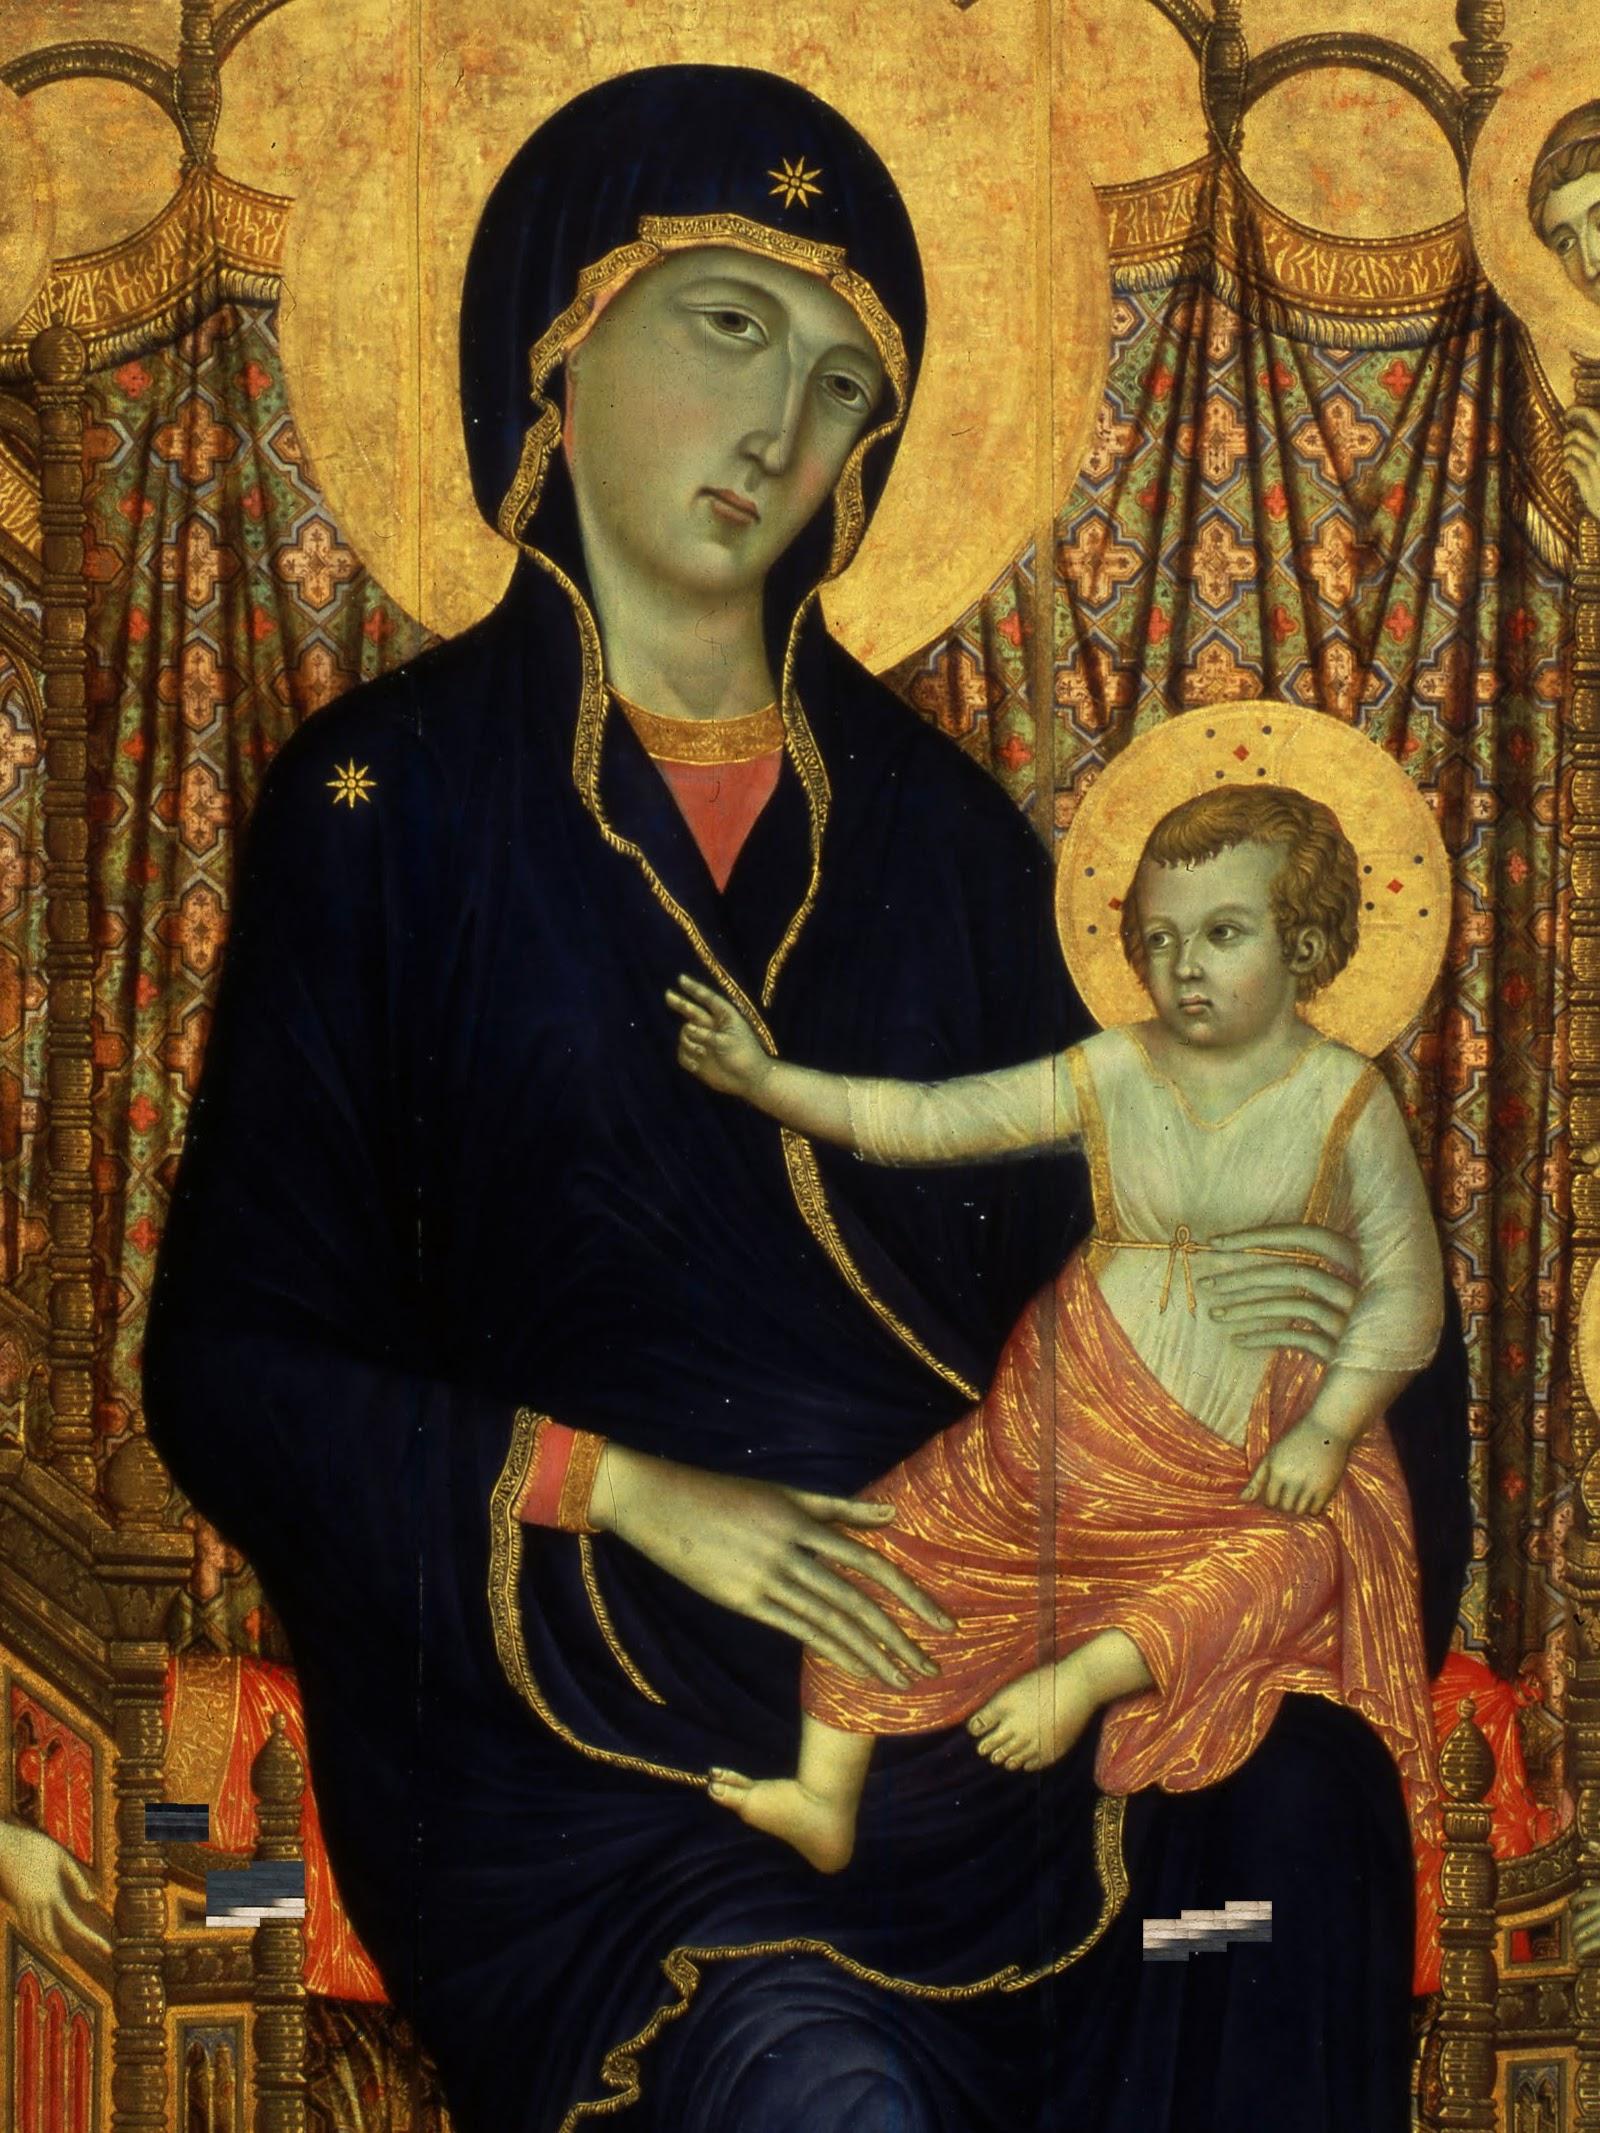 Duccio di Buoninsegna, Madonna Rucellai, (particolare Madonna), 1285 (commissione), tempera e oro su tavola, 450×290 cm, Galleria degli Uffizi, Firenze